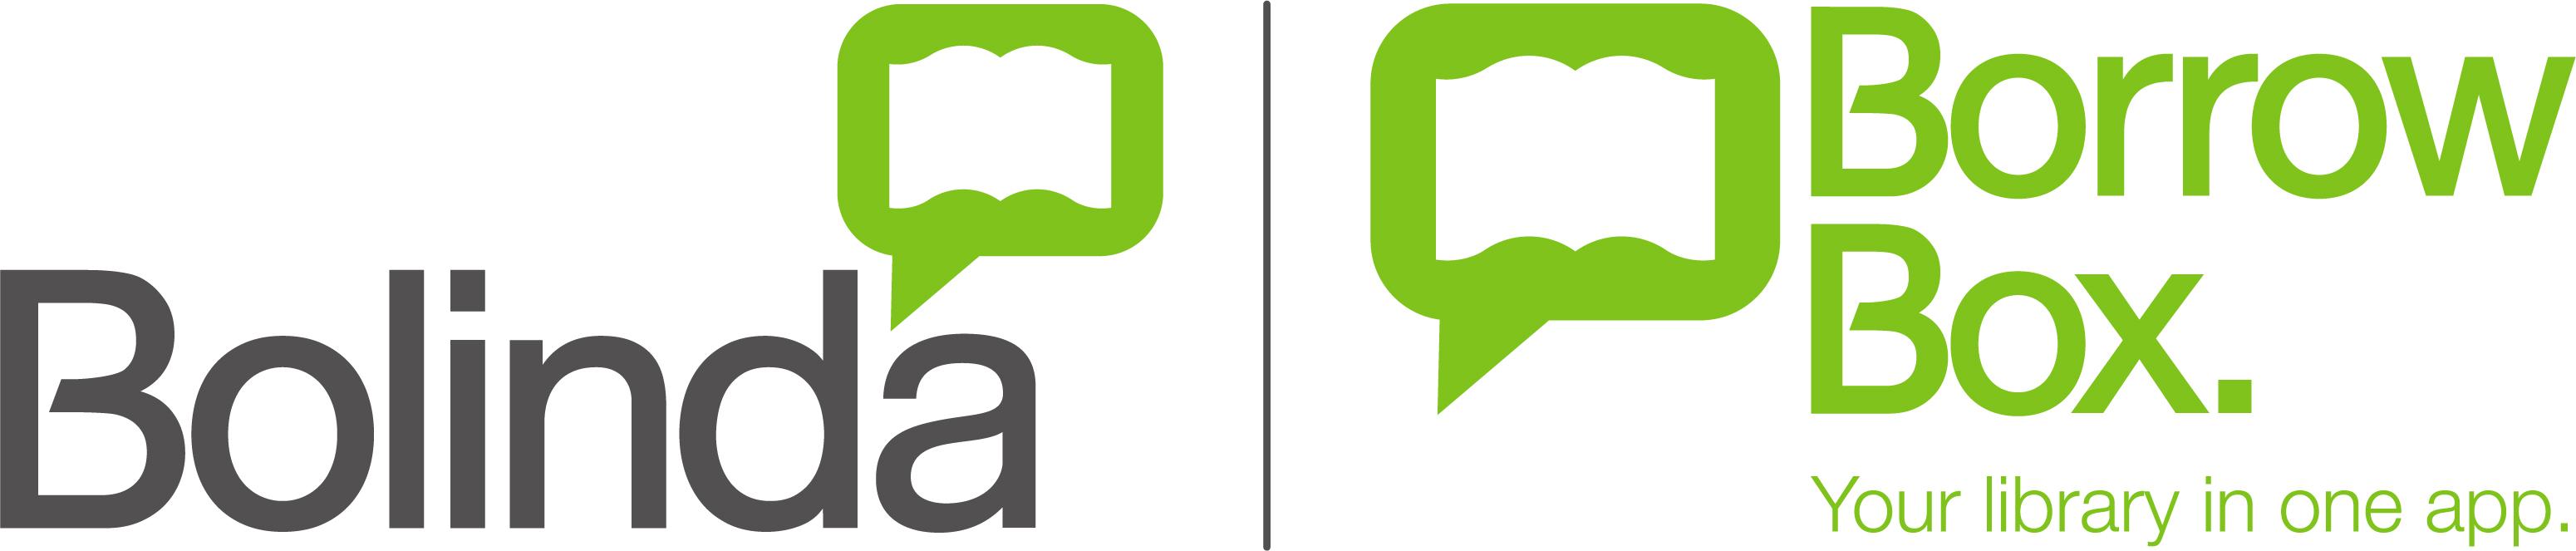 Bolinda_BorrowBox_Logo_RGB